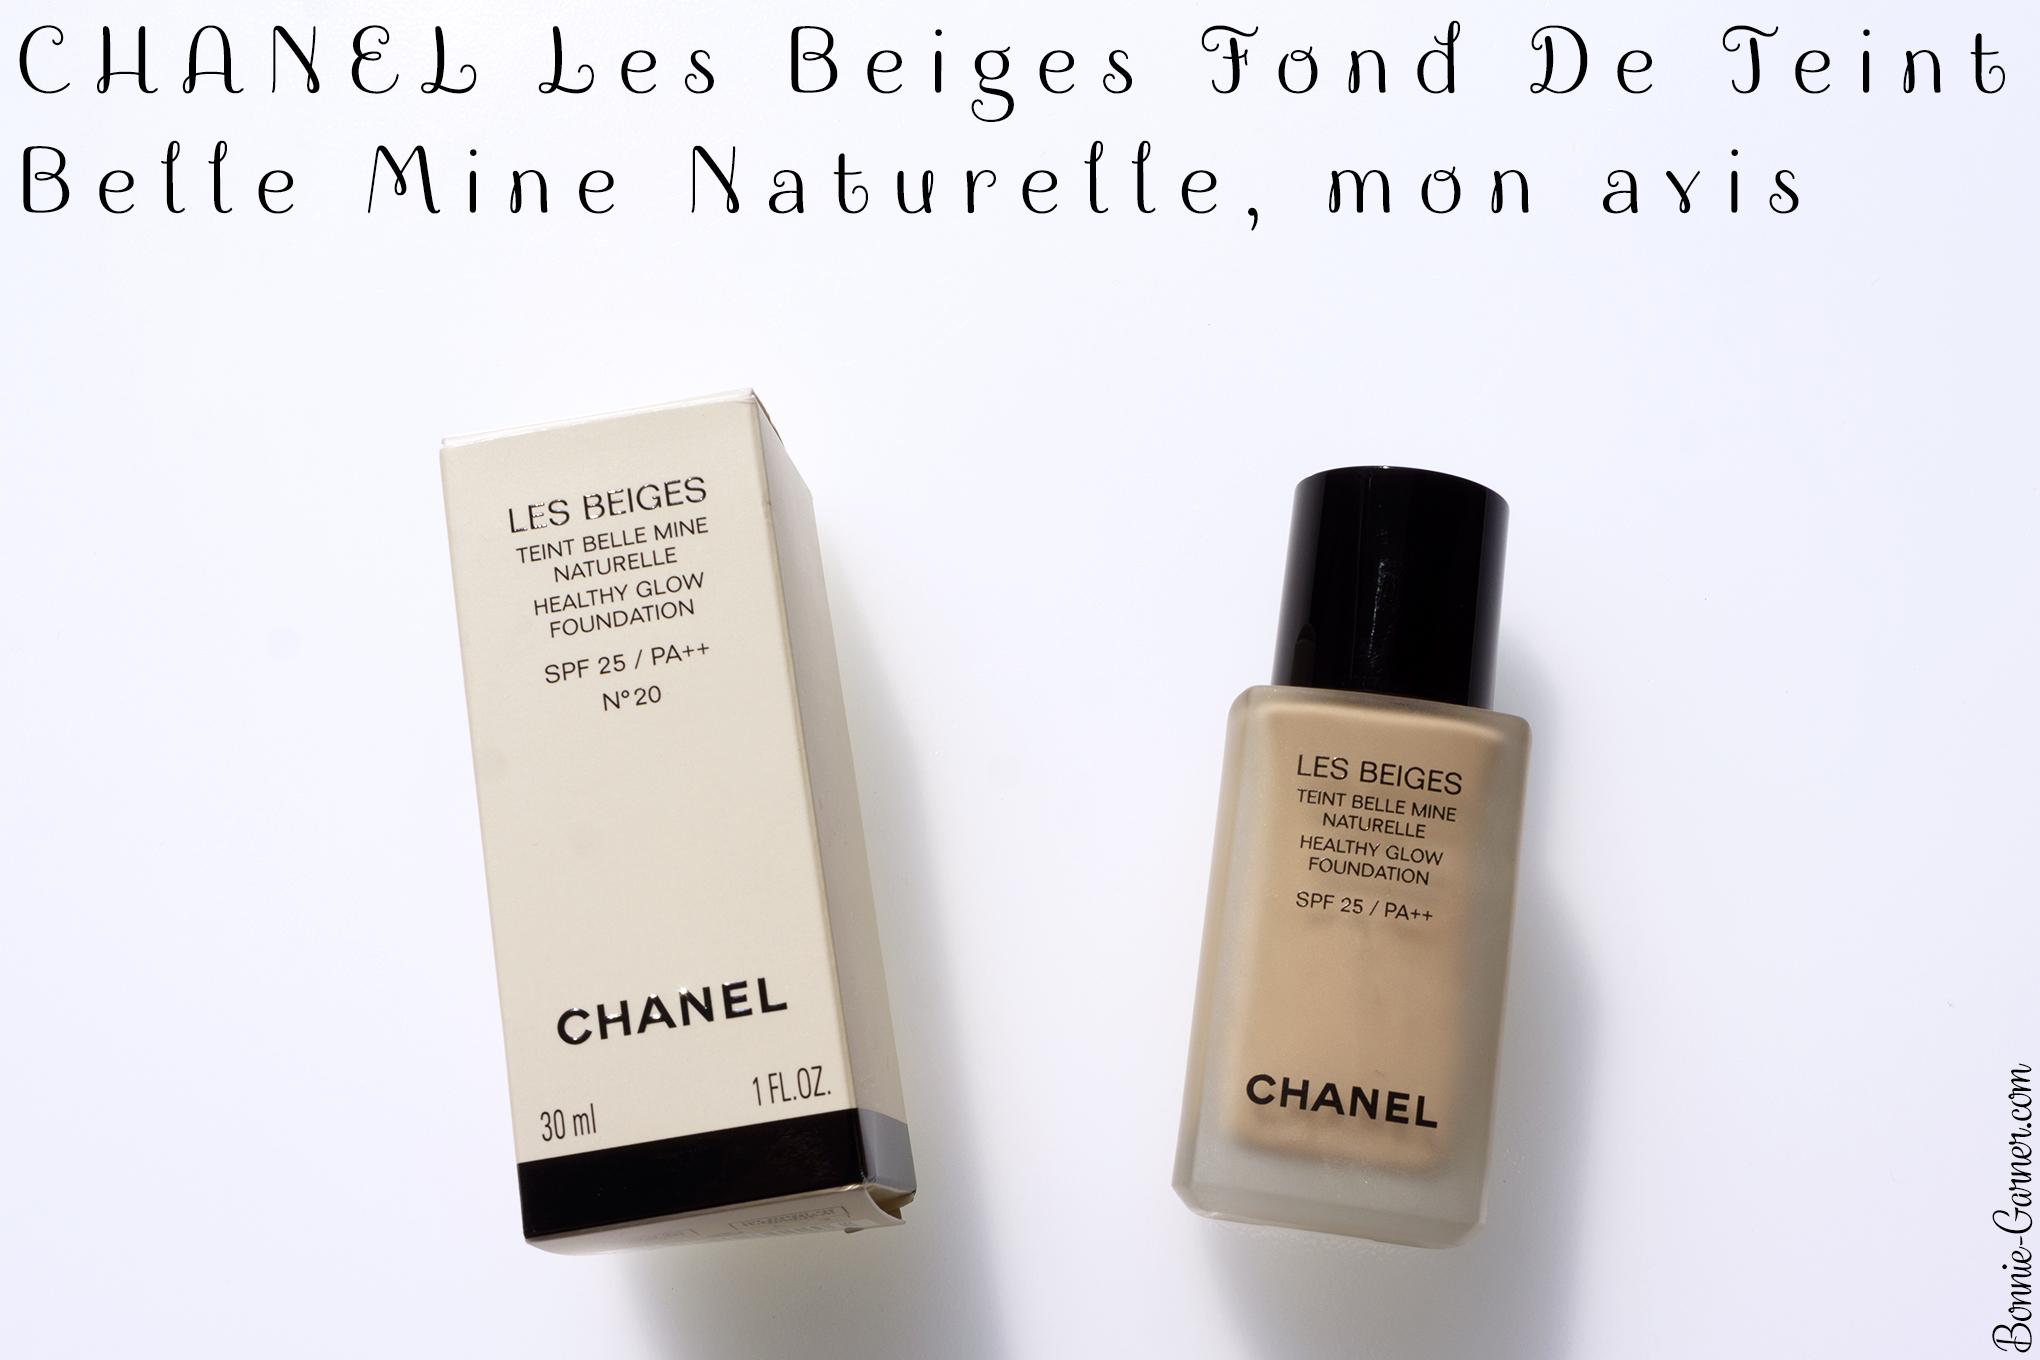 CHANEL Les Beiges Fond De Teint Belle Mine Naturelle, mon avis